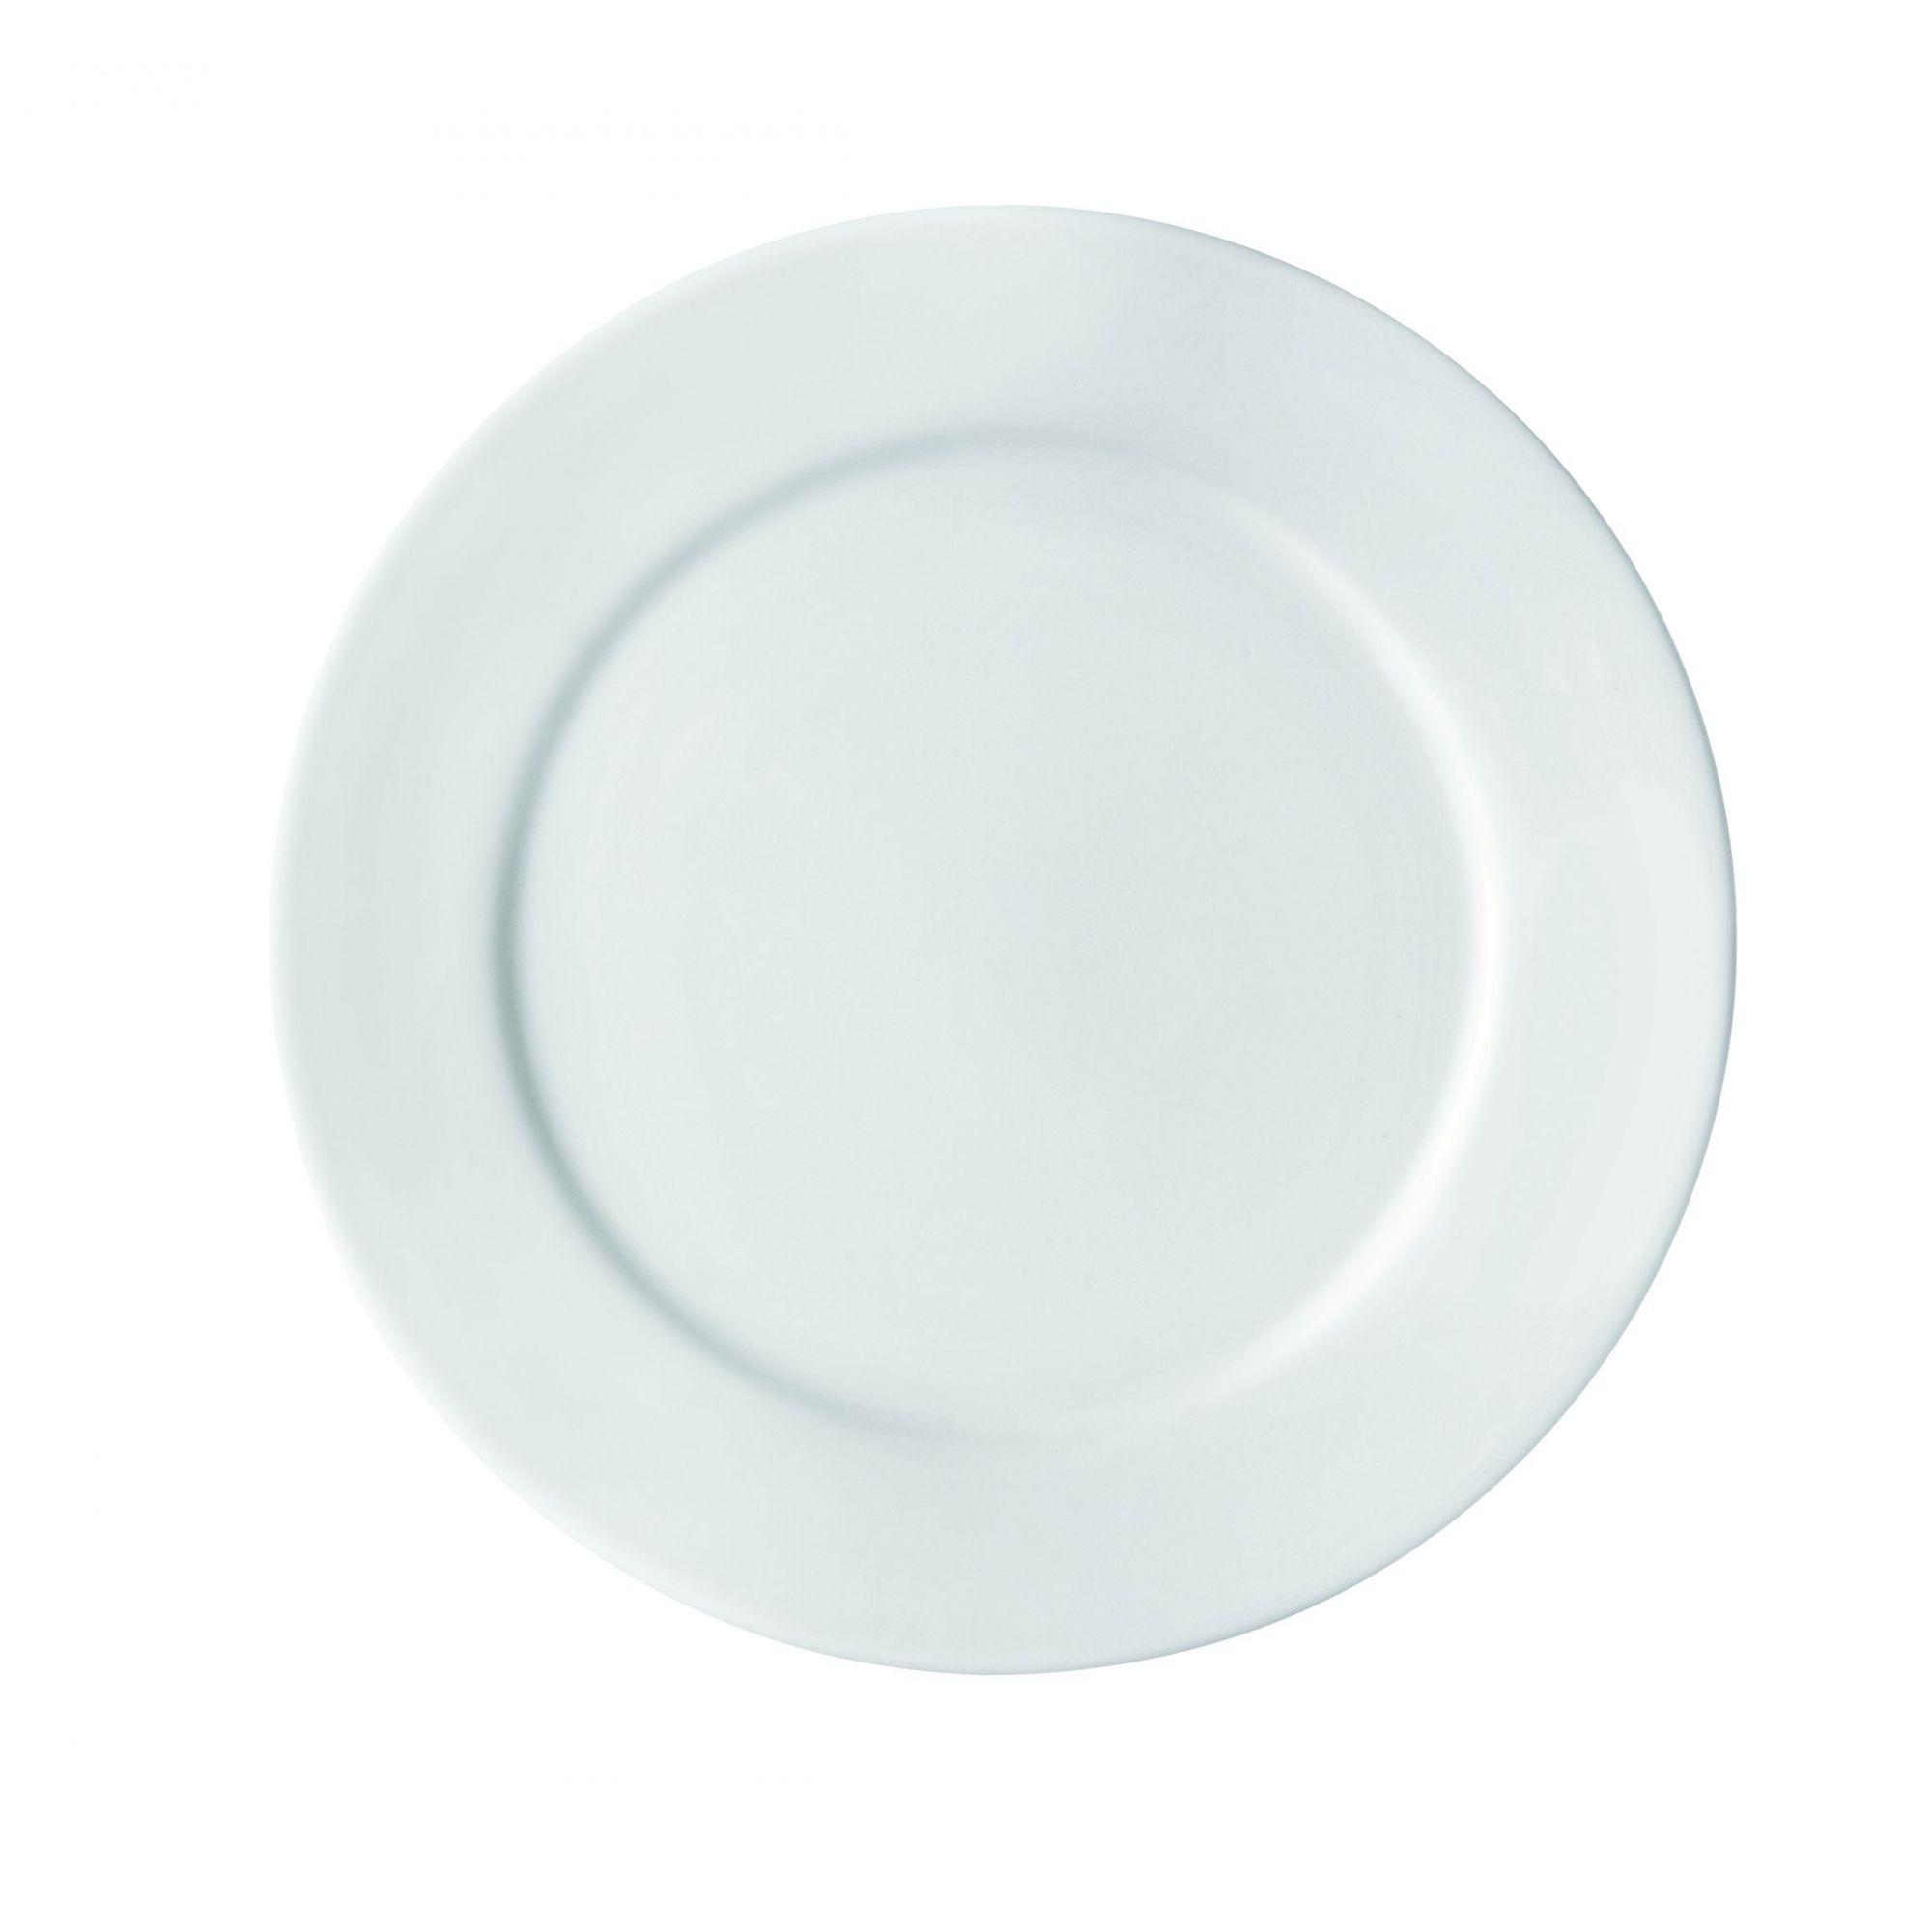 Prato Sobremesa c/ aba 18,5 cm (dúzia) - Linha Bar/Hotel - Germer  - Lojão de Ofertas